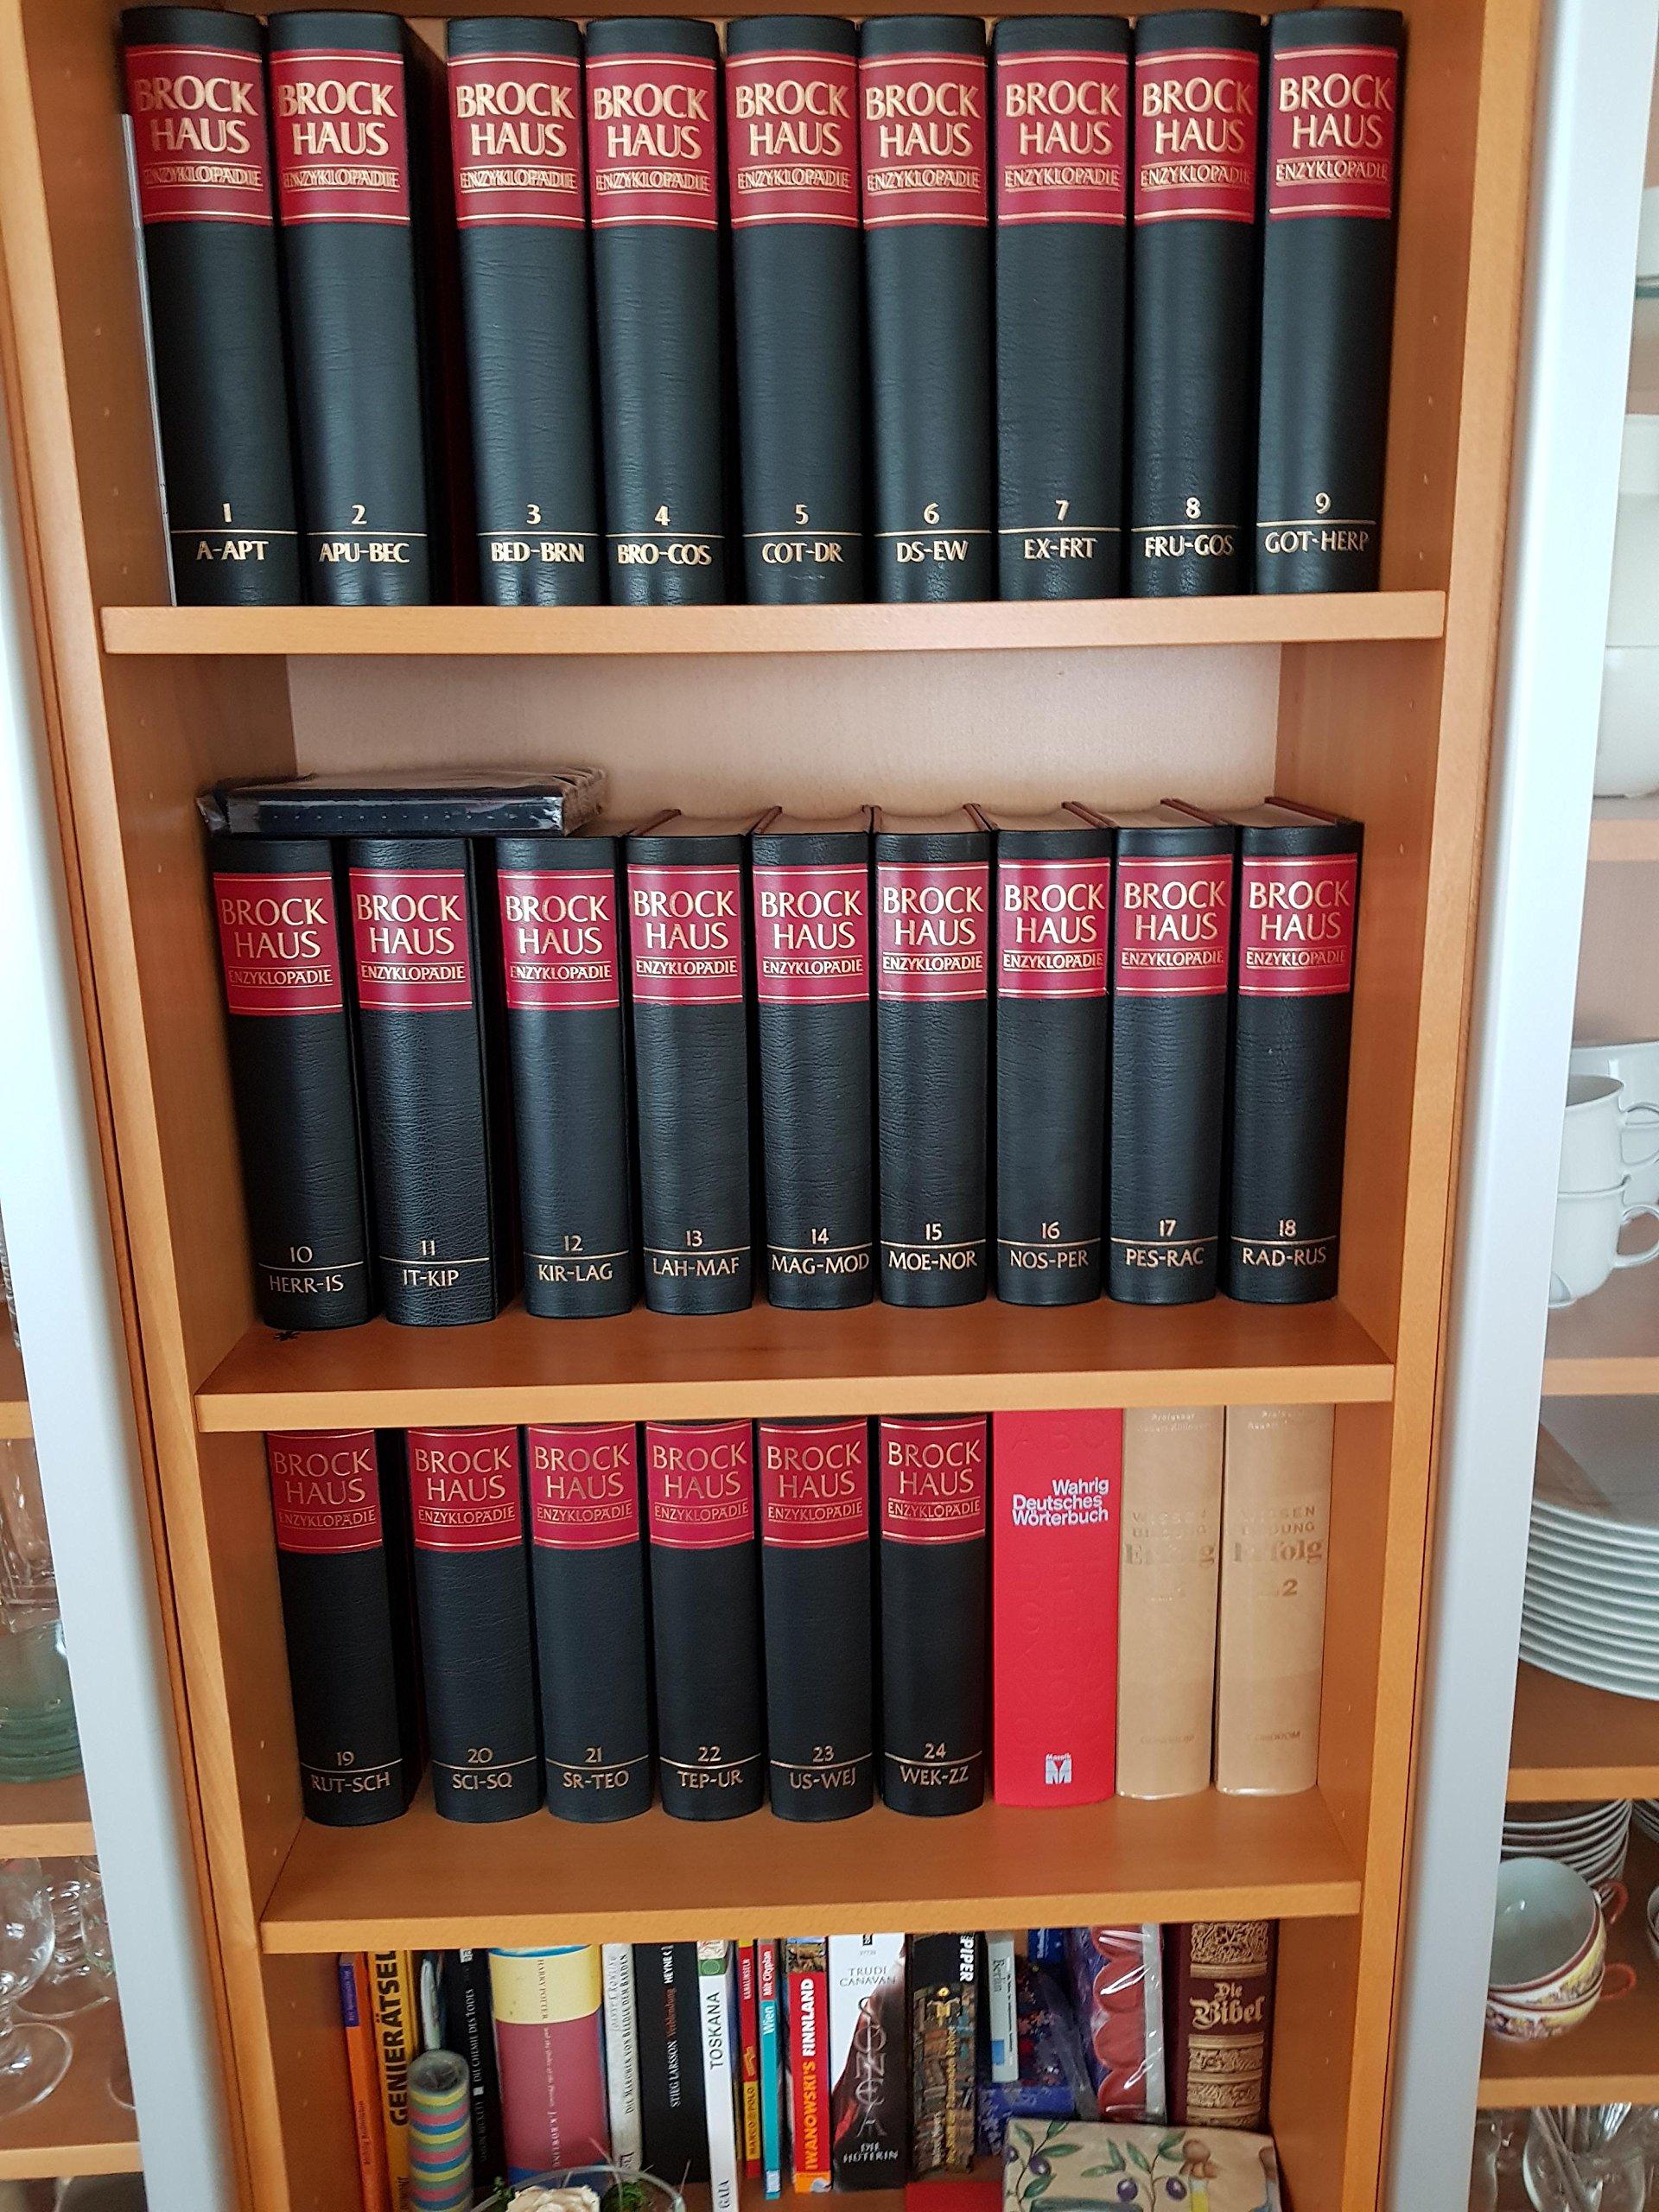 Brockhaus Enzyklopädie in 24 Bänden / Pflichtfortsetzung Band 1-24: Brockhaus Enzyklopädie, 24 Bände